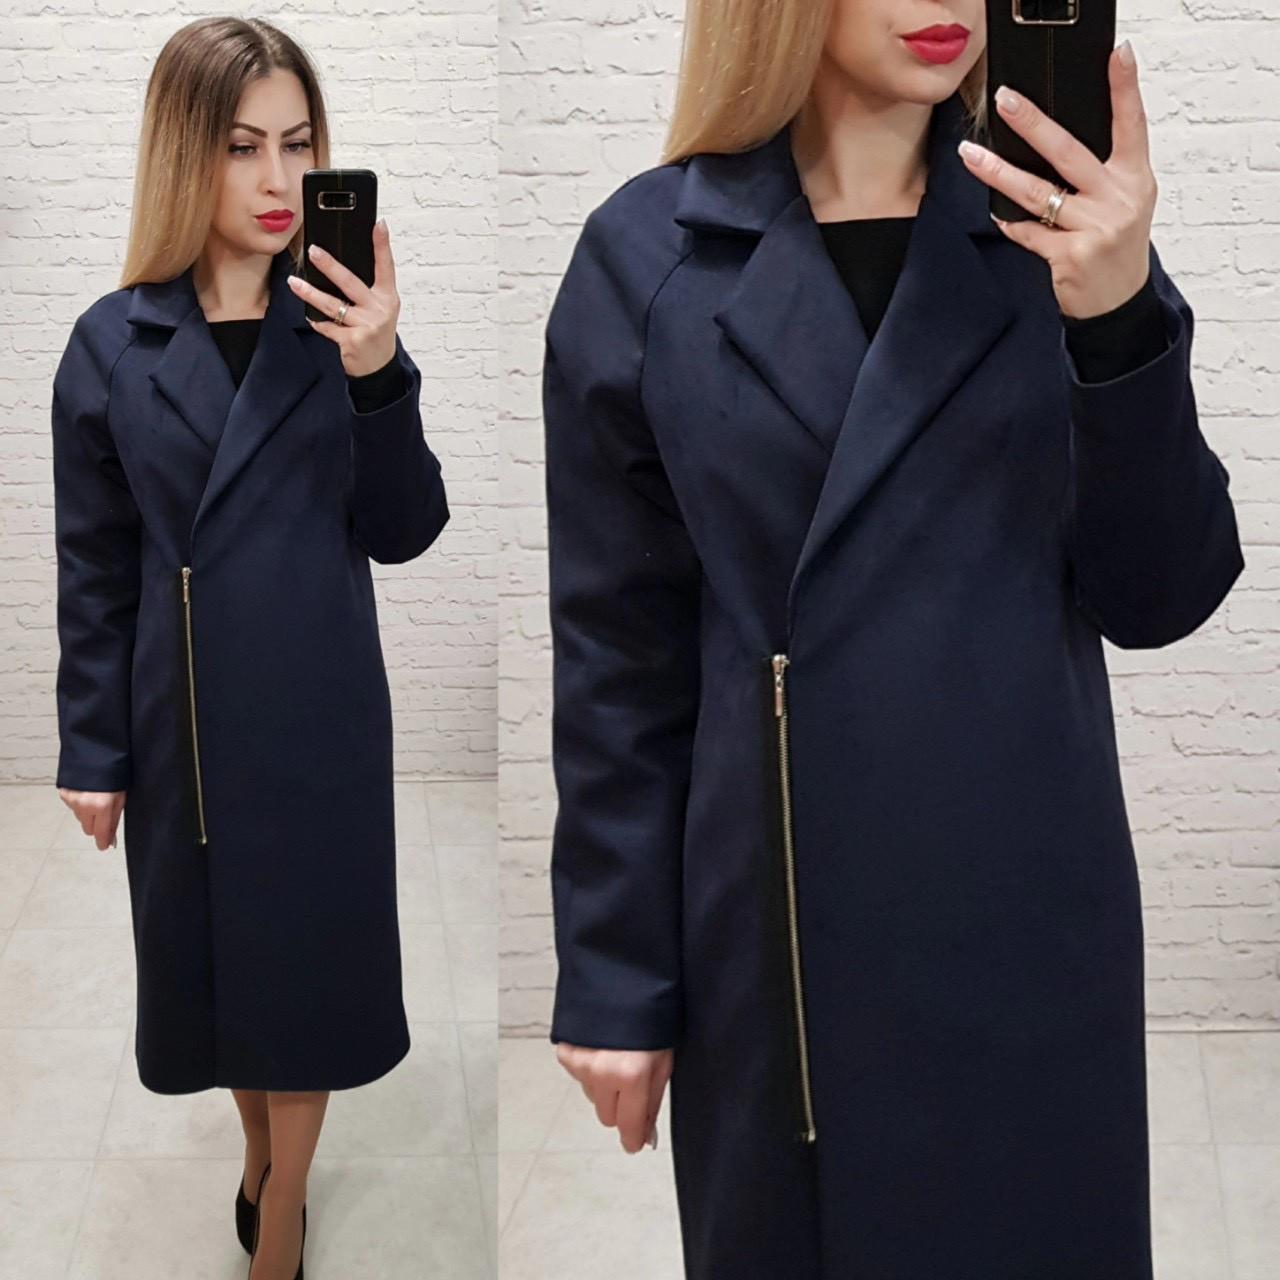 Розпродаж!!! Замшеве пальто Oversize на змійці, з кишенями і підкладкою, М100, колір темно синій